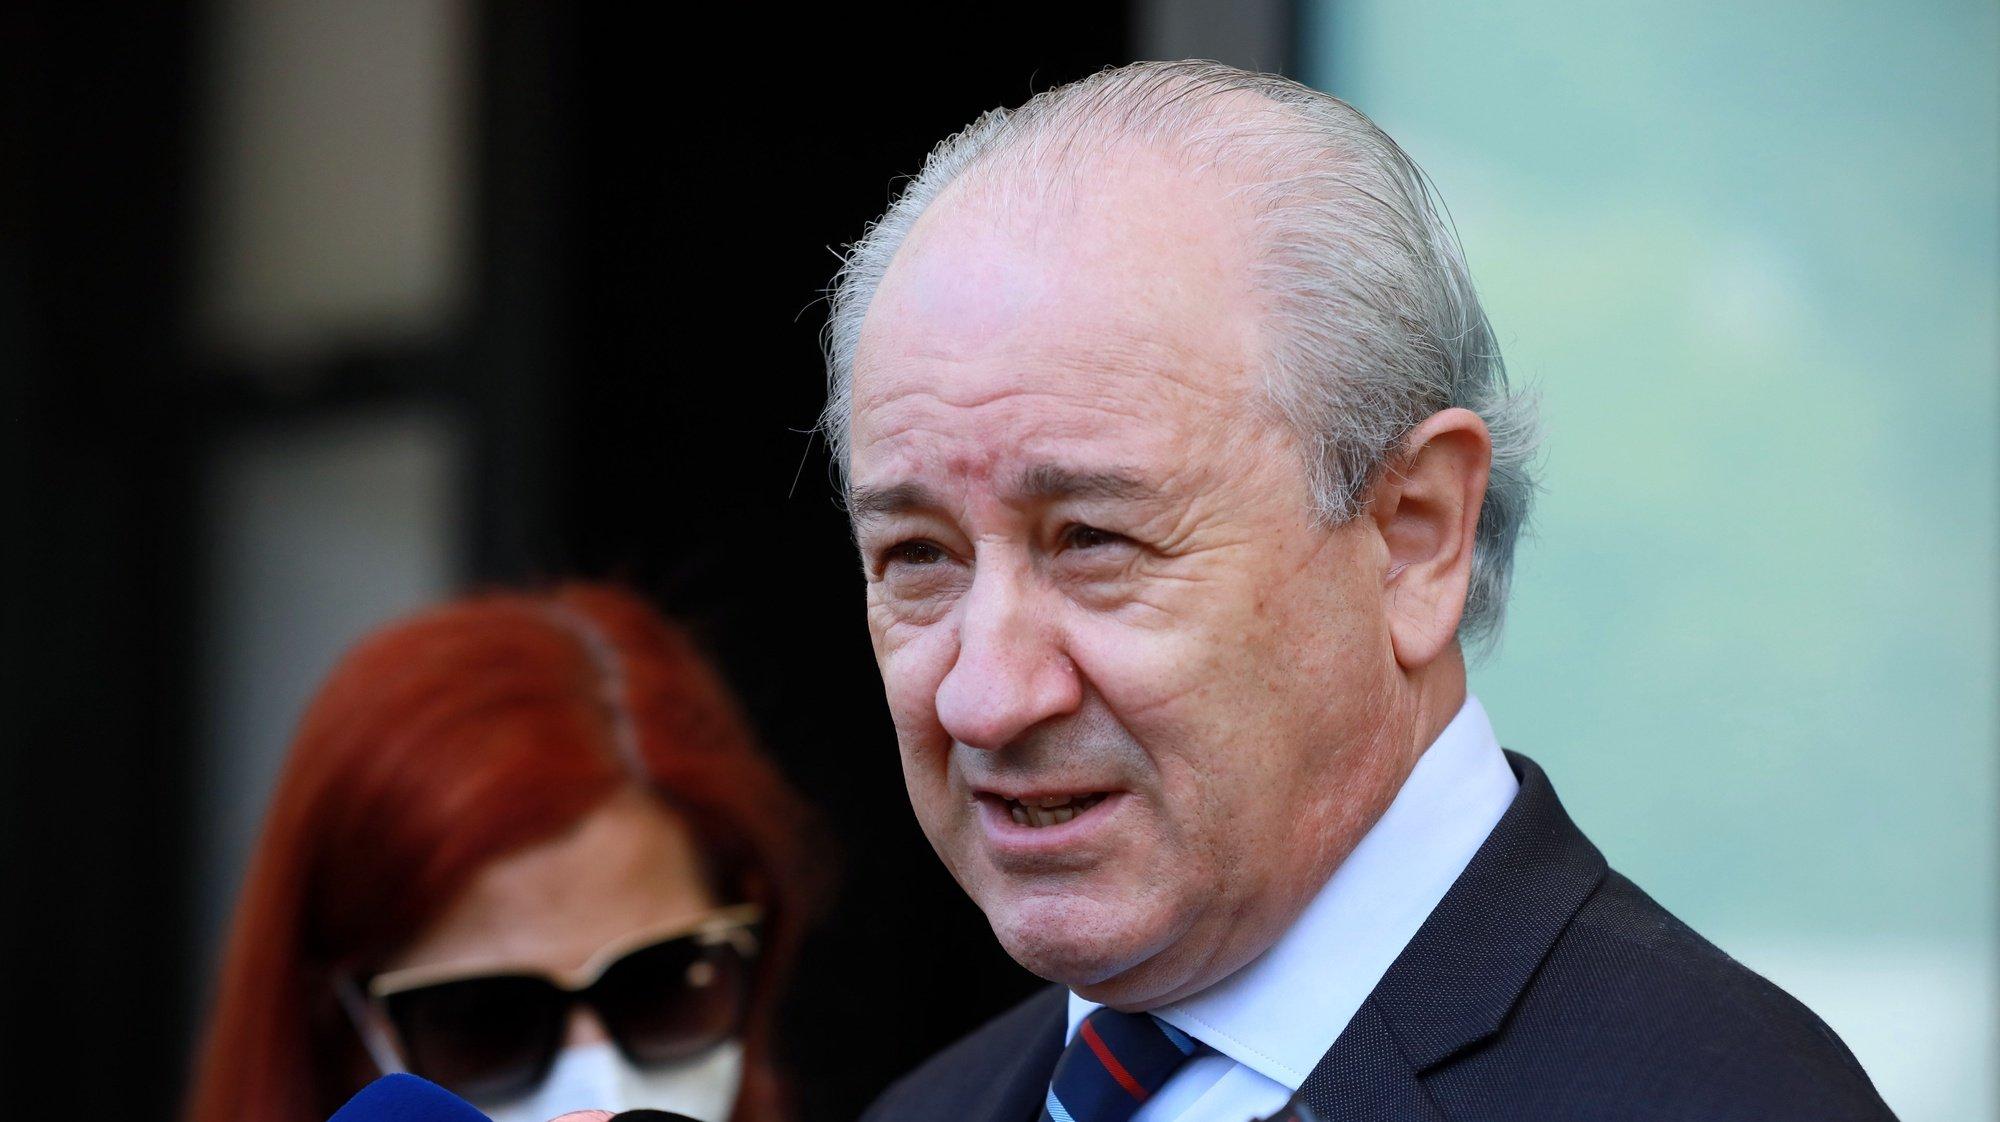 O presidente do PSD Rui Rio fala com a comunicação social durante a sua visita ao Museu do Holocausto no Porto, 17 de maio de 2021. ESTELA SILVA/LUSA